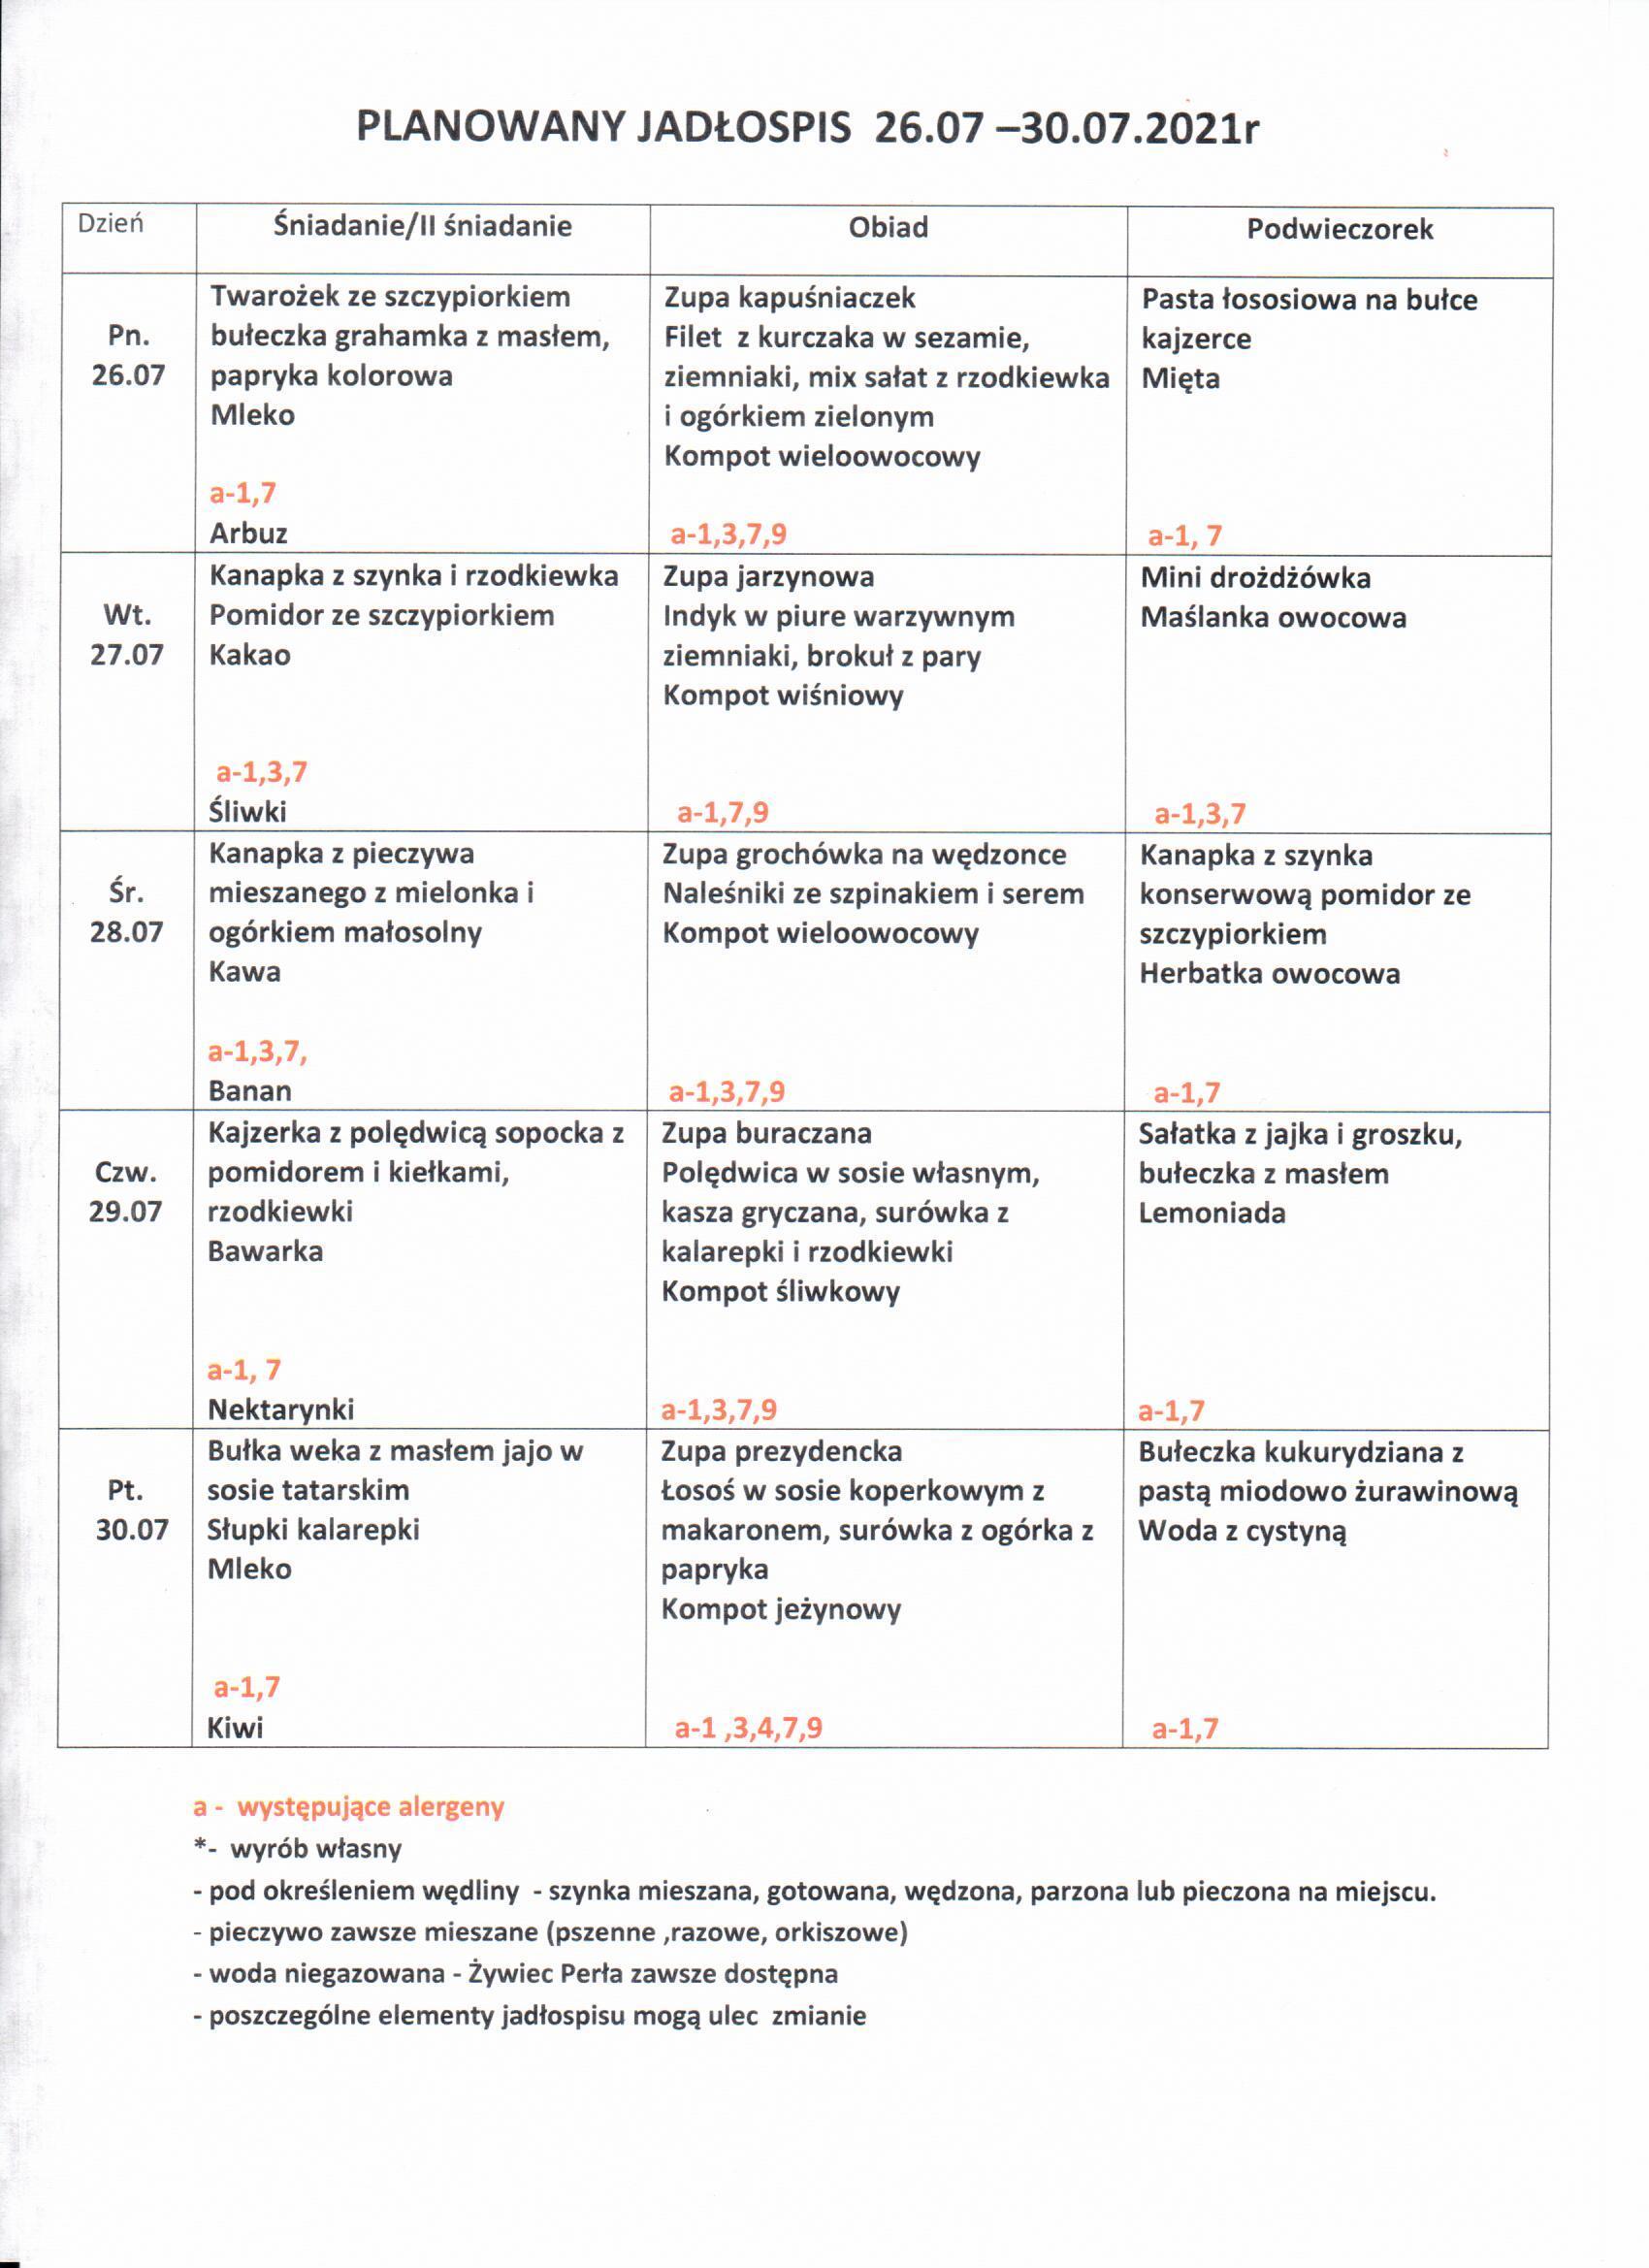 Jadłospis 26-30.07